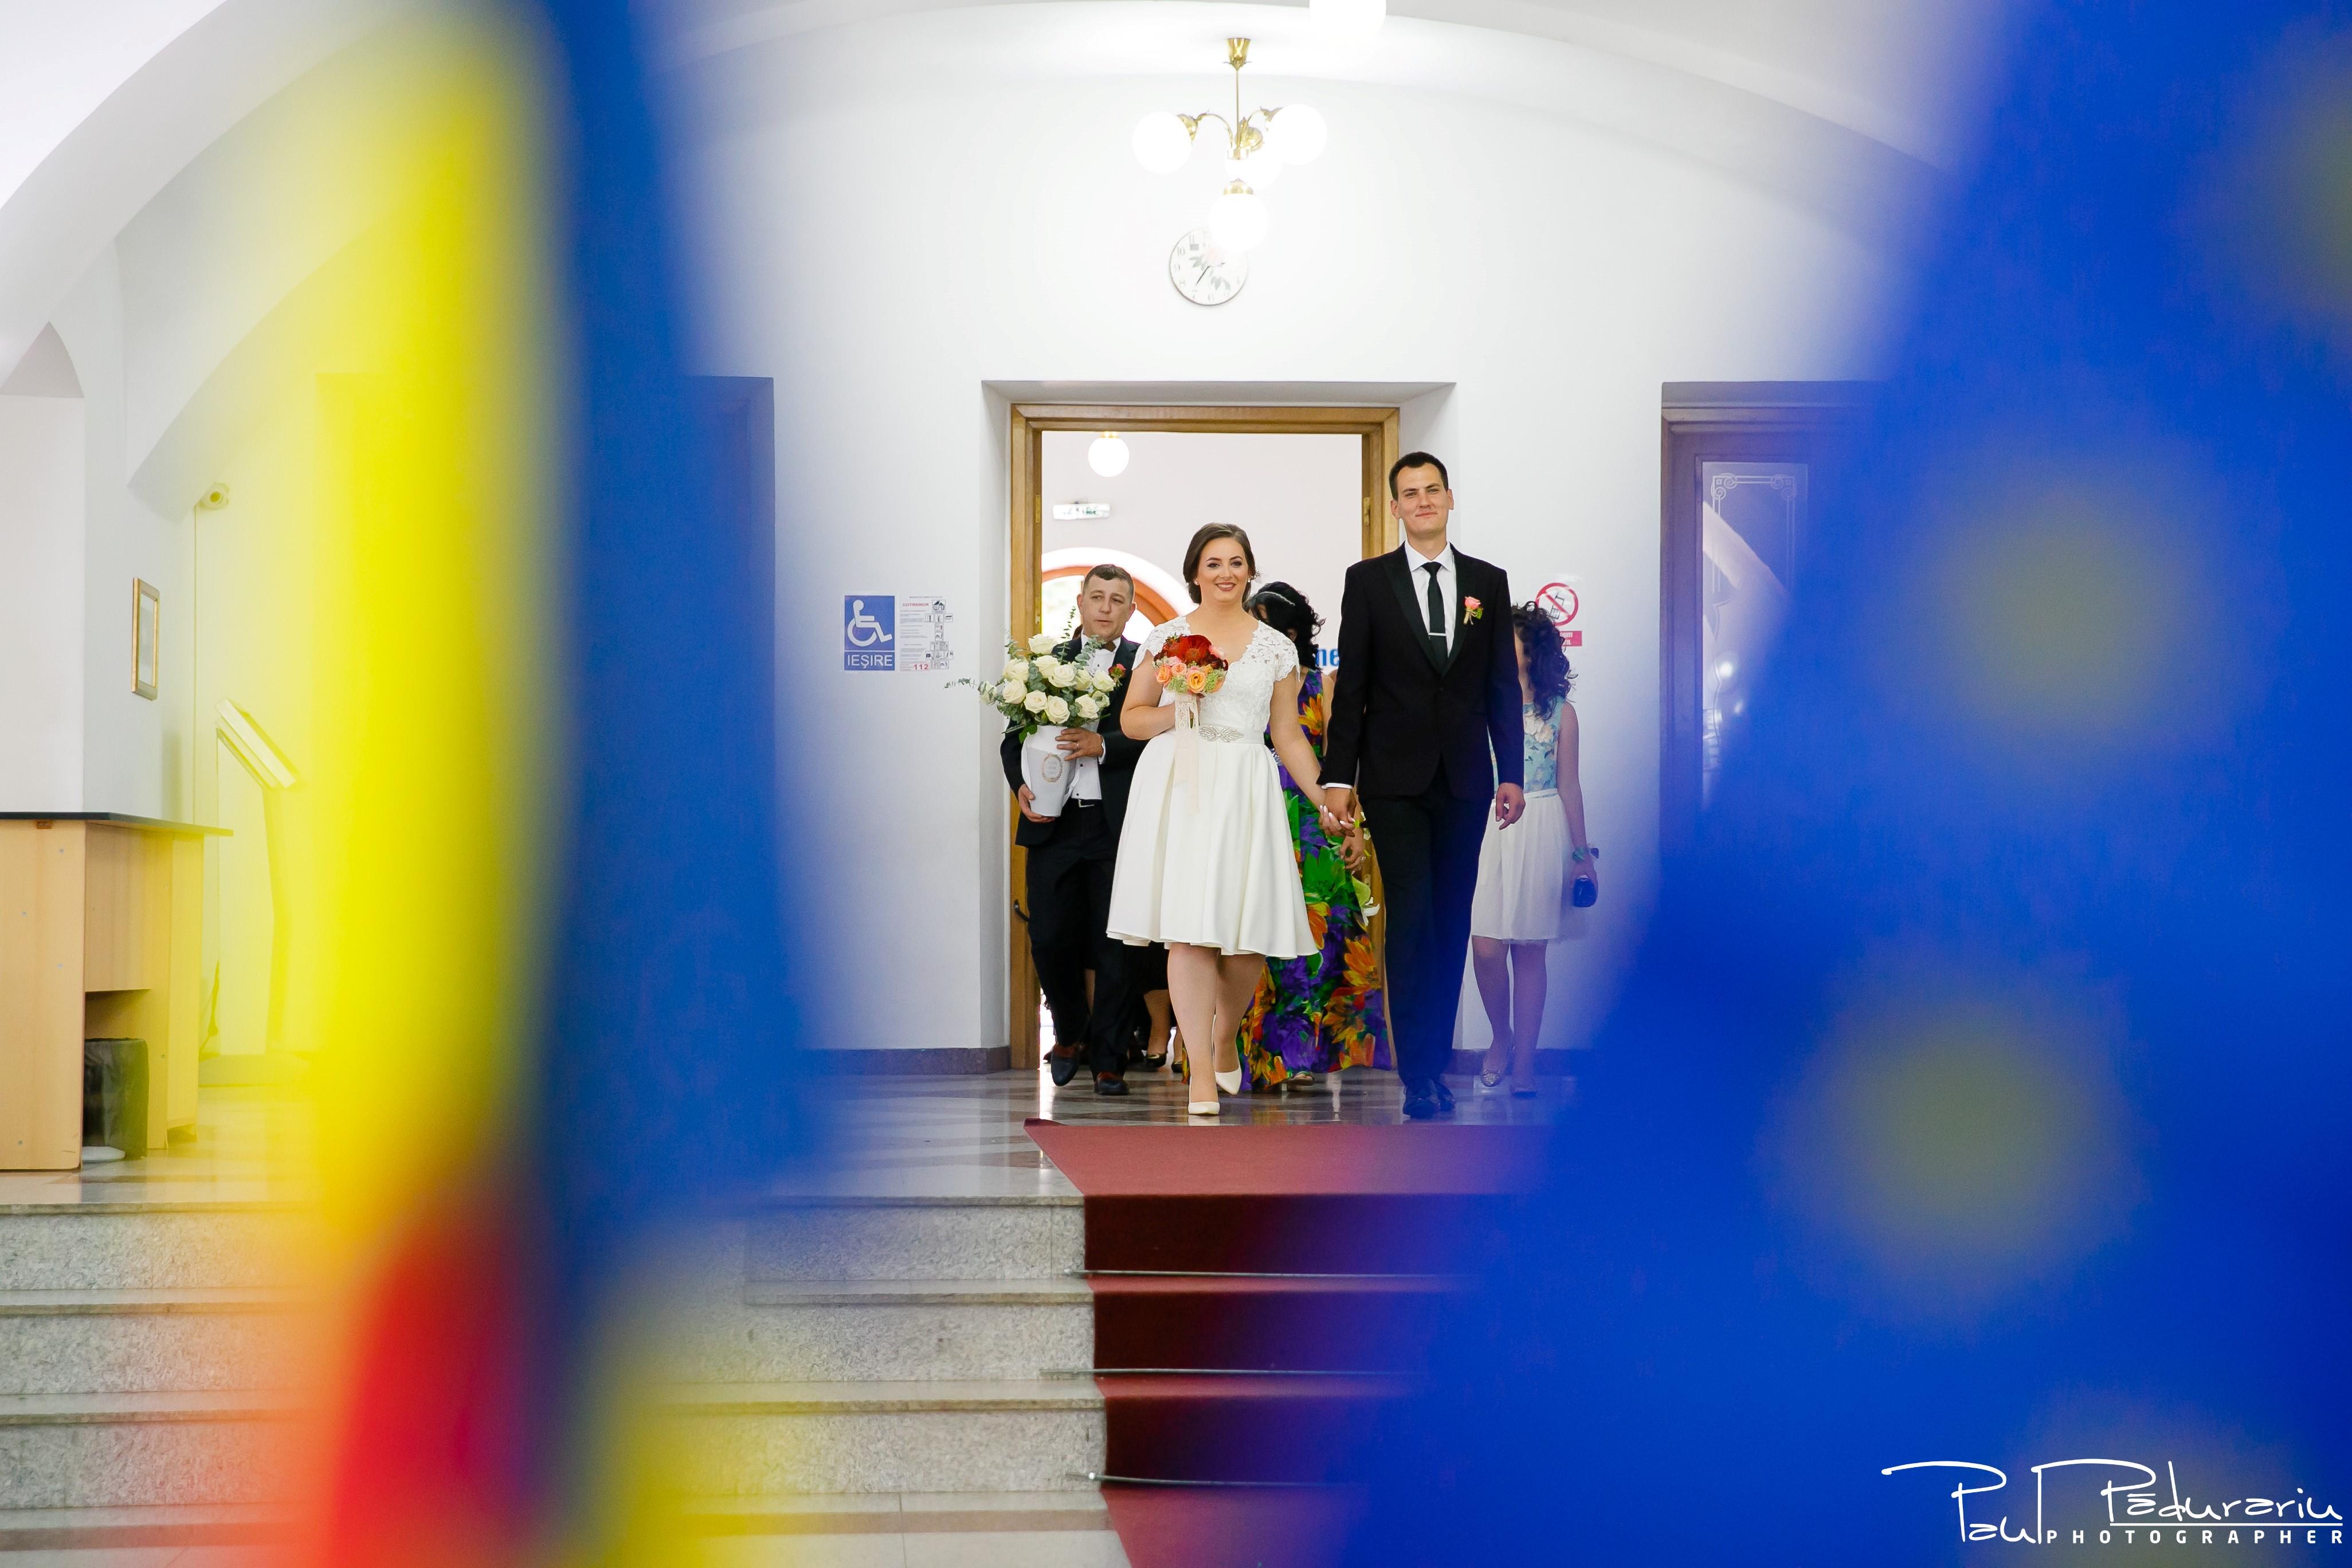 Cristina si Razvan nunta rustica la Bellaria Iasi cununia civila intrare miri fotograf profesionist nunta www.paulpadurariu.ro © 2017 Paul Padurariu